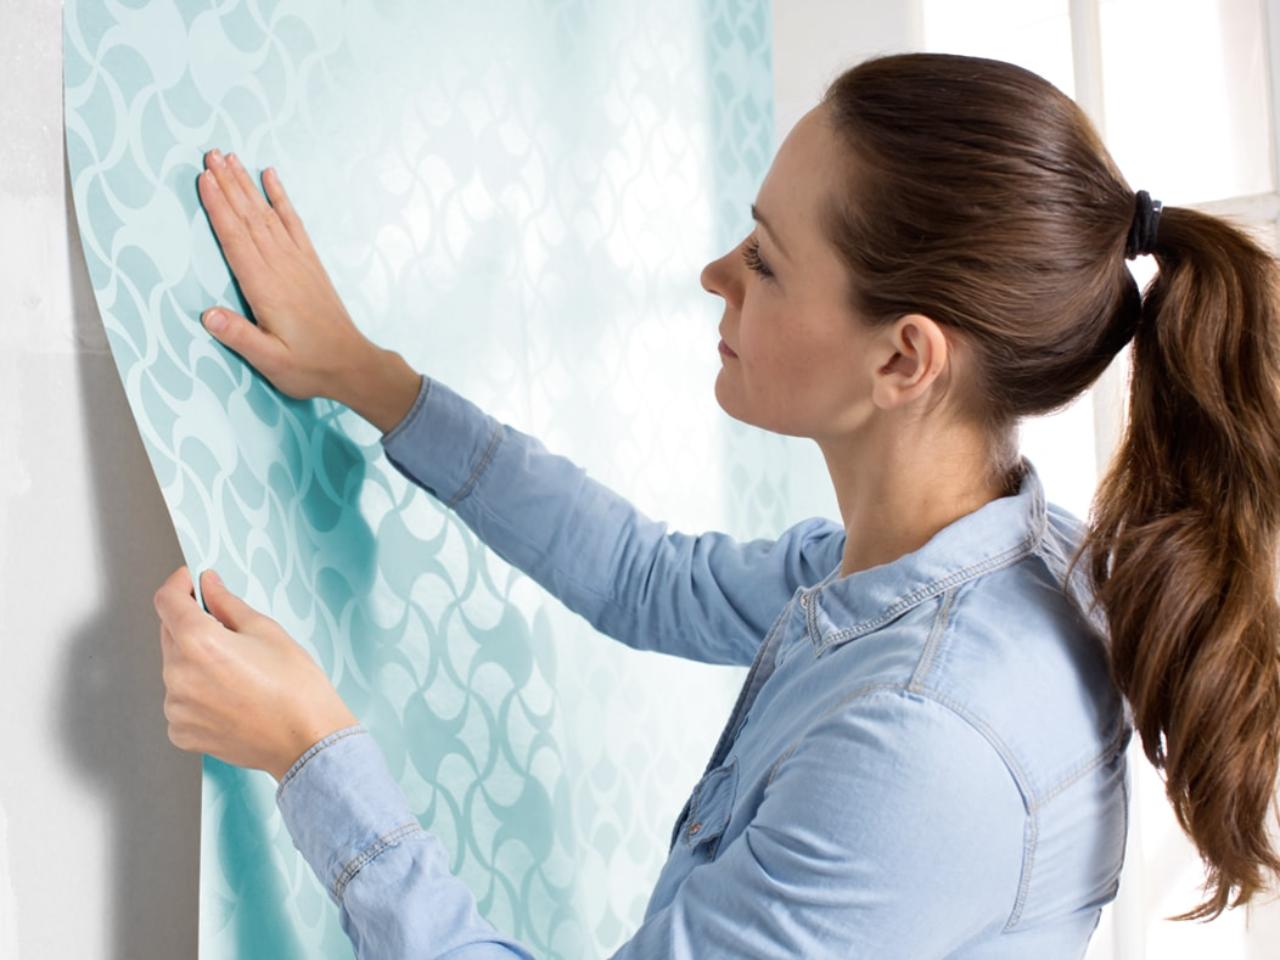 Bison sanitair keuken afwerken for Gipsplaten behangen met vliesbehang